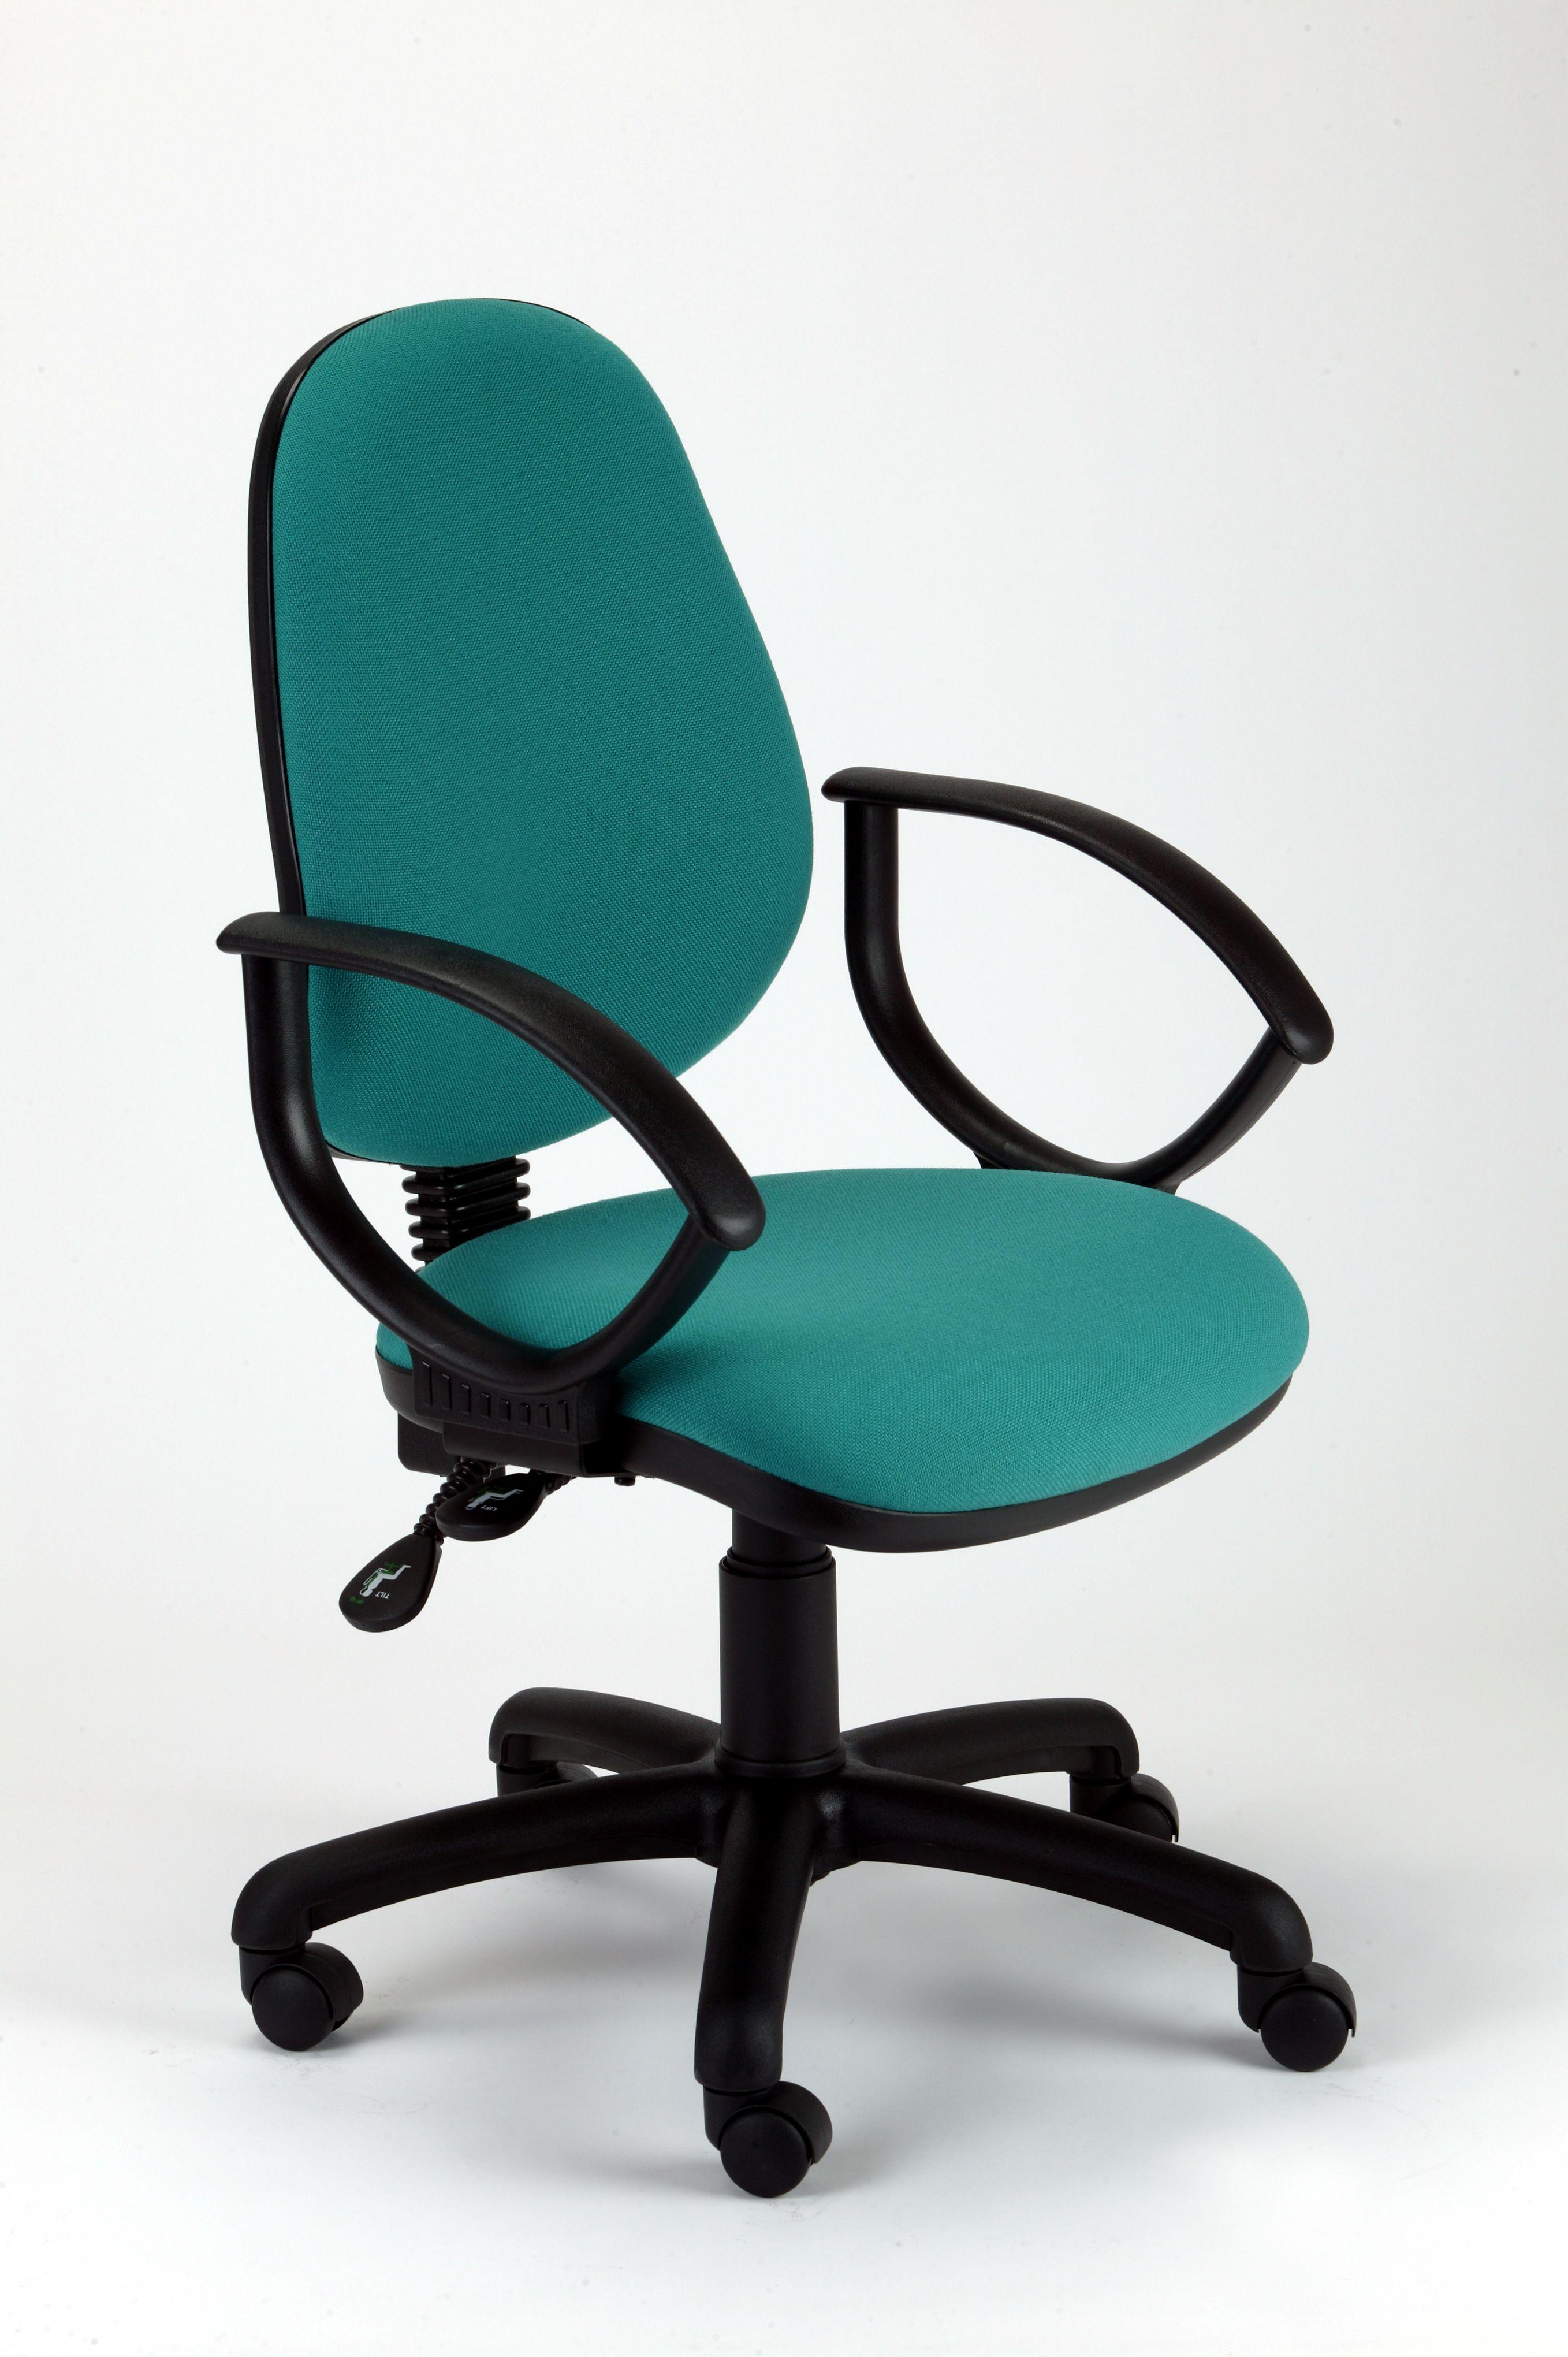 office Stühle london | BüroMöbel | Pinterest | Office furniture ...